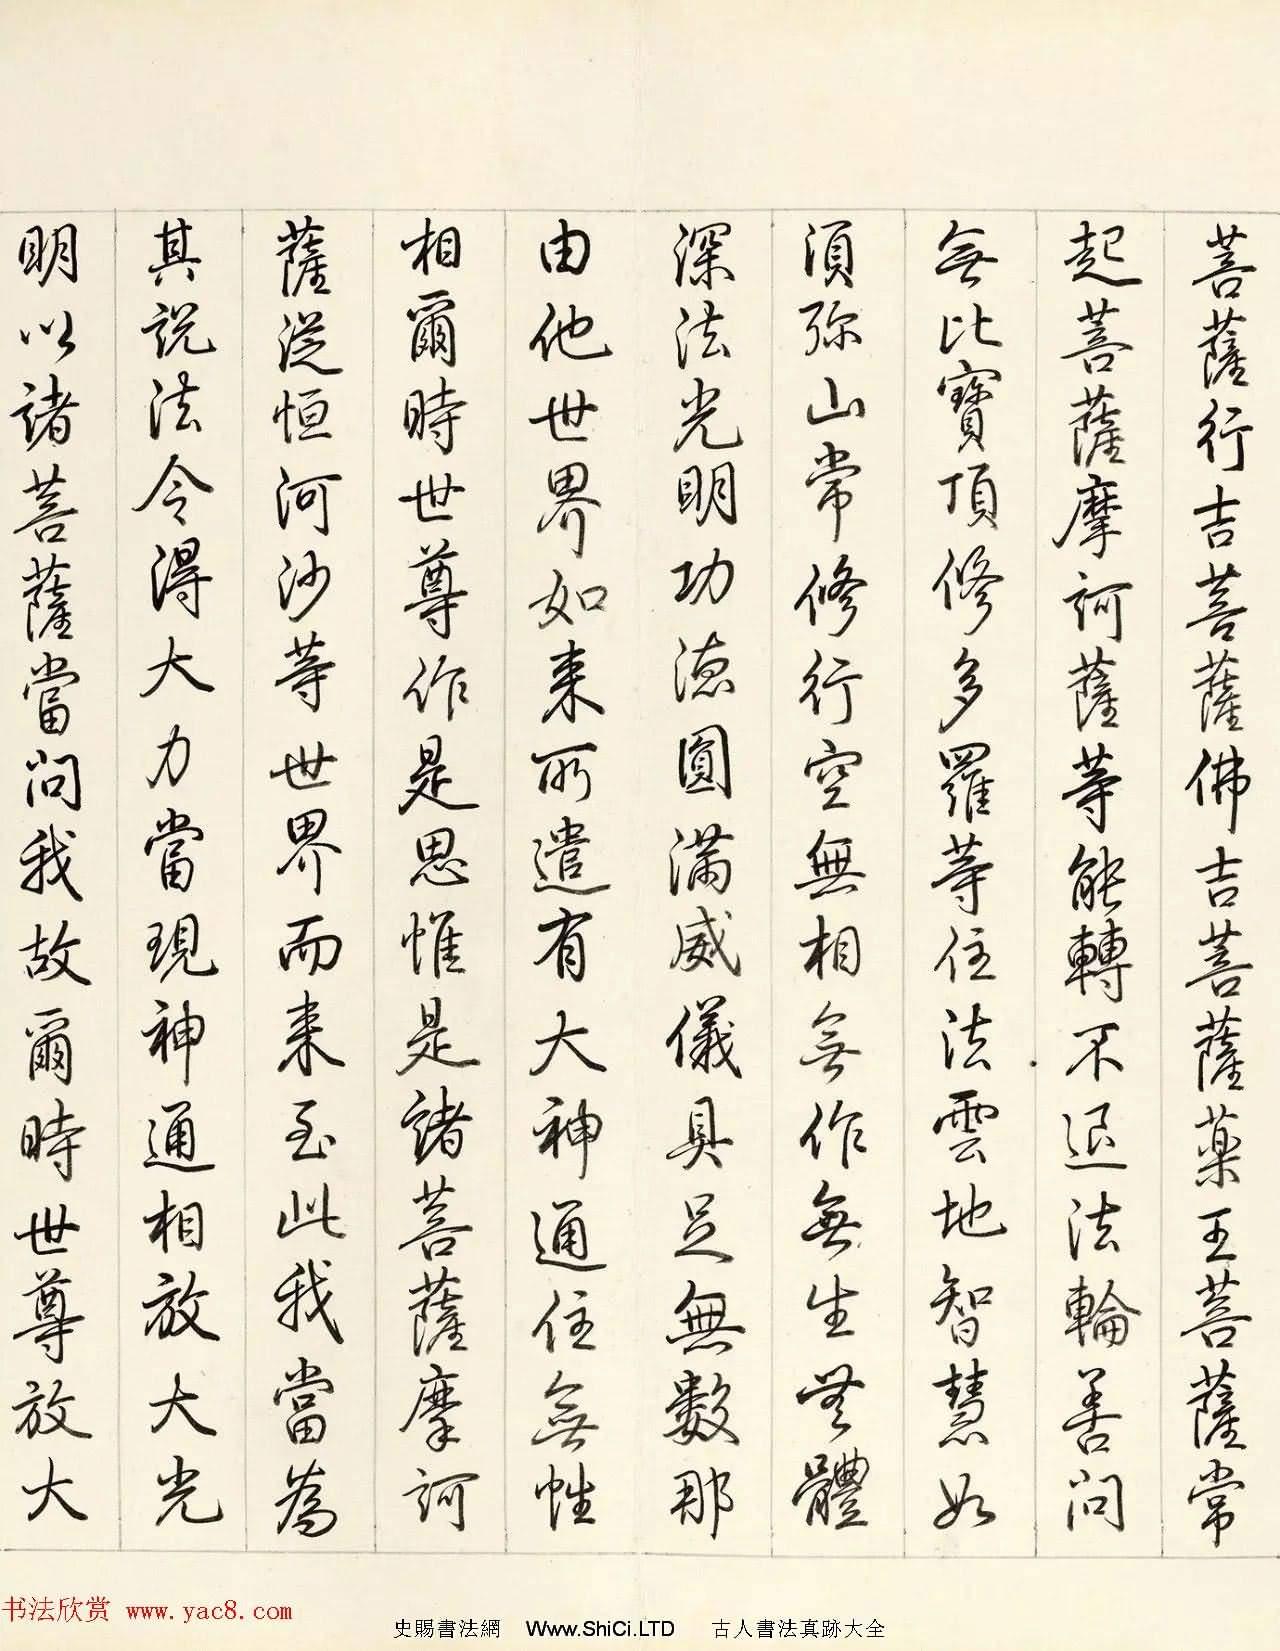 乾隆皇帝行書冊頁《御書智嚴經》